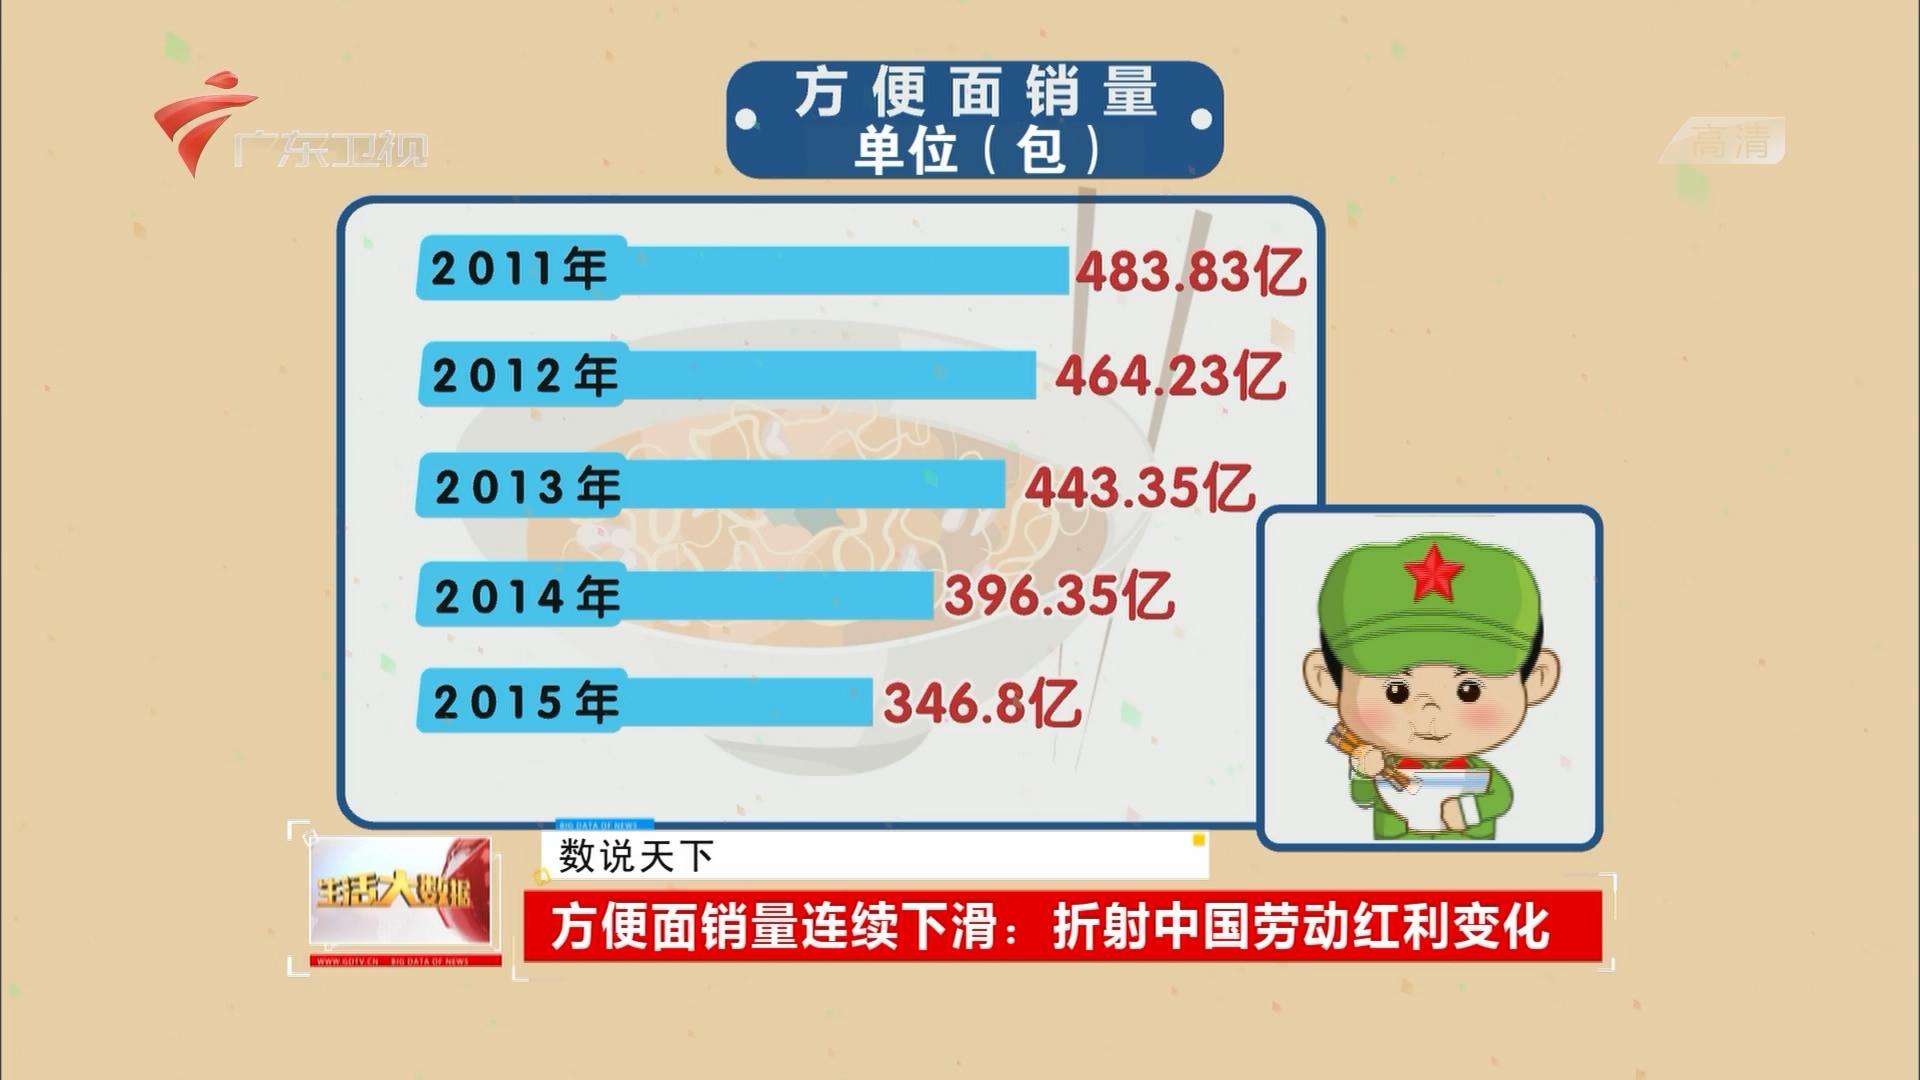 方便面销量连续下滑:折射中国劳动红利变化